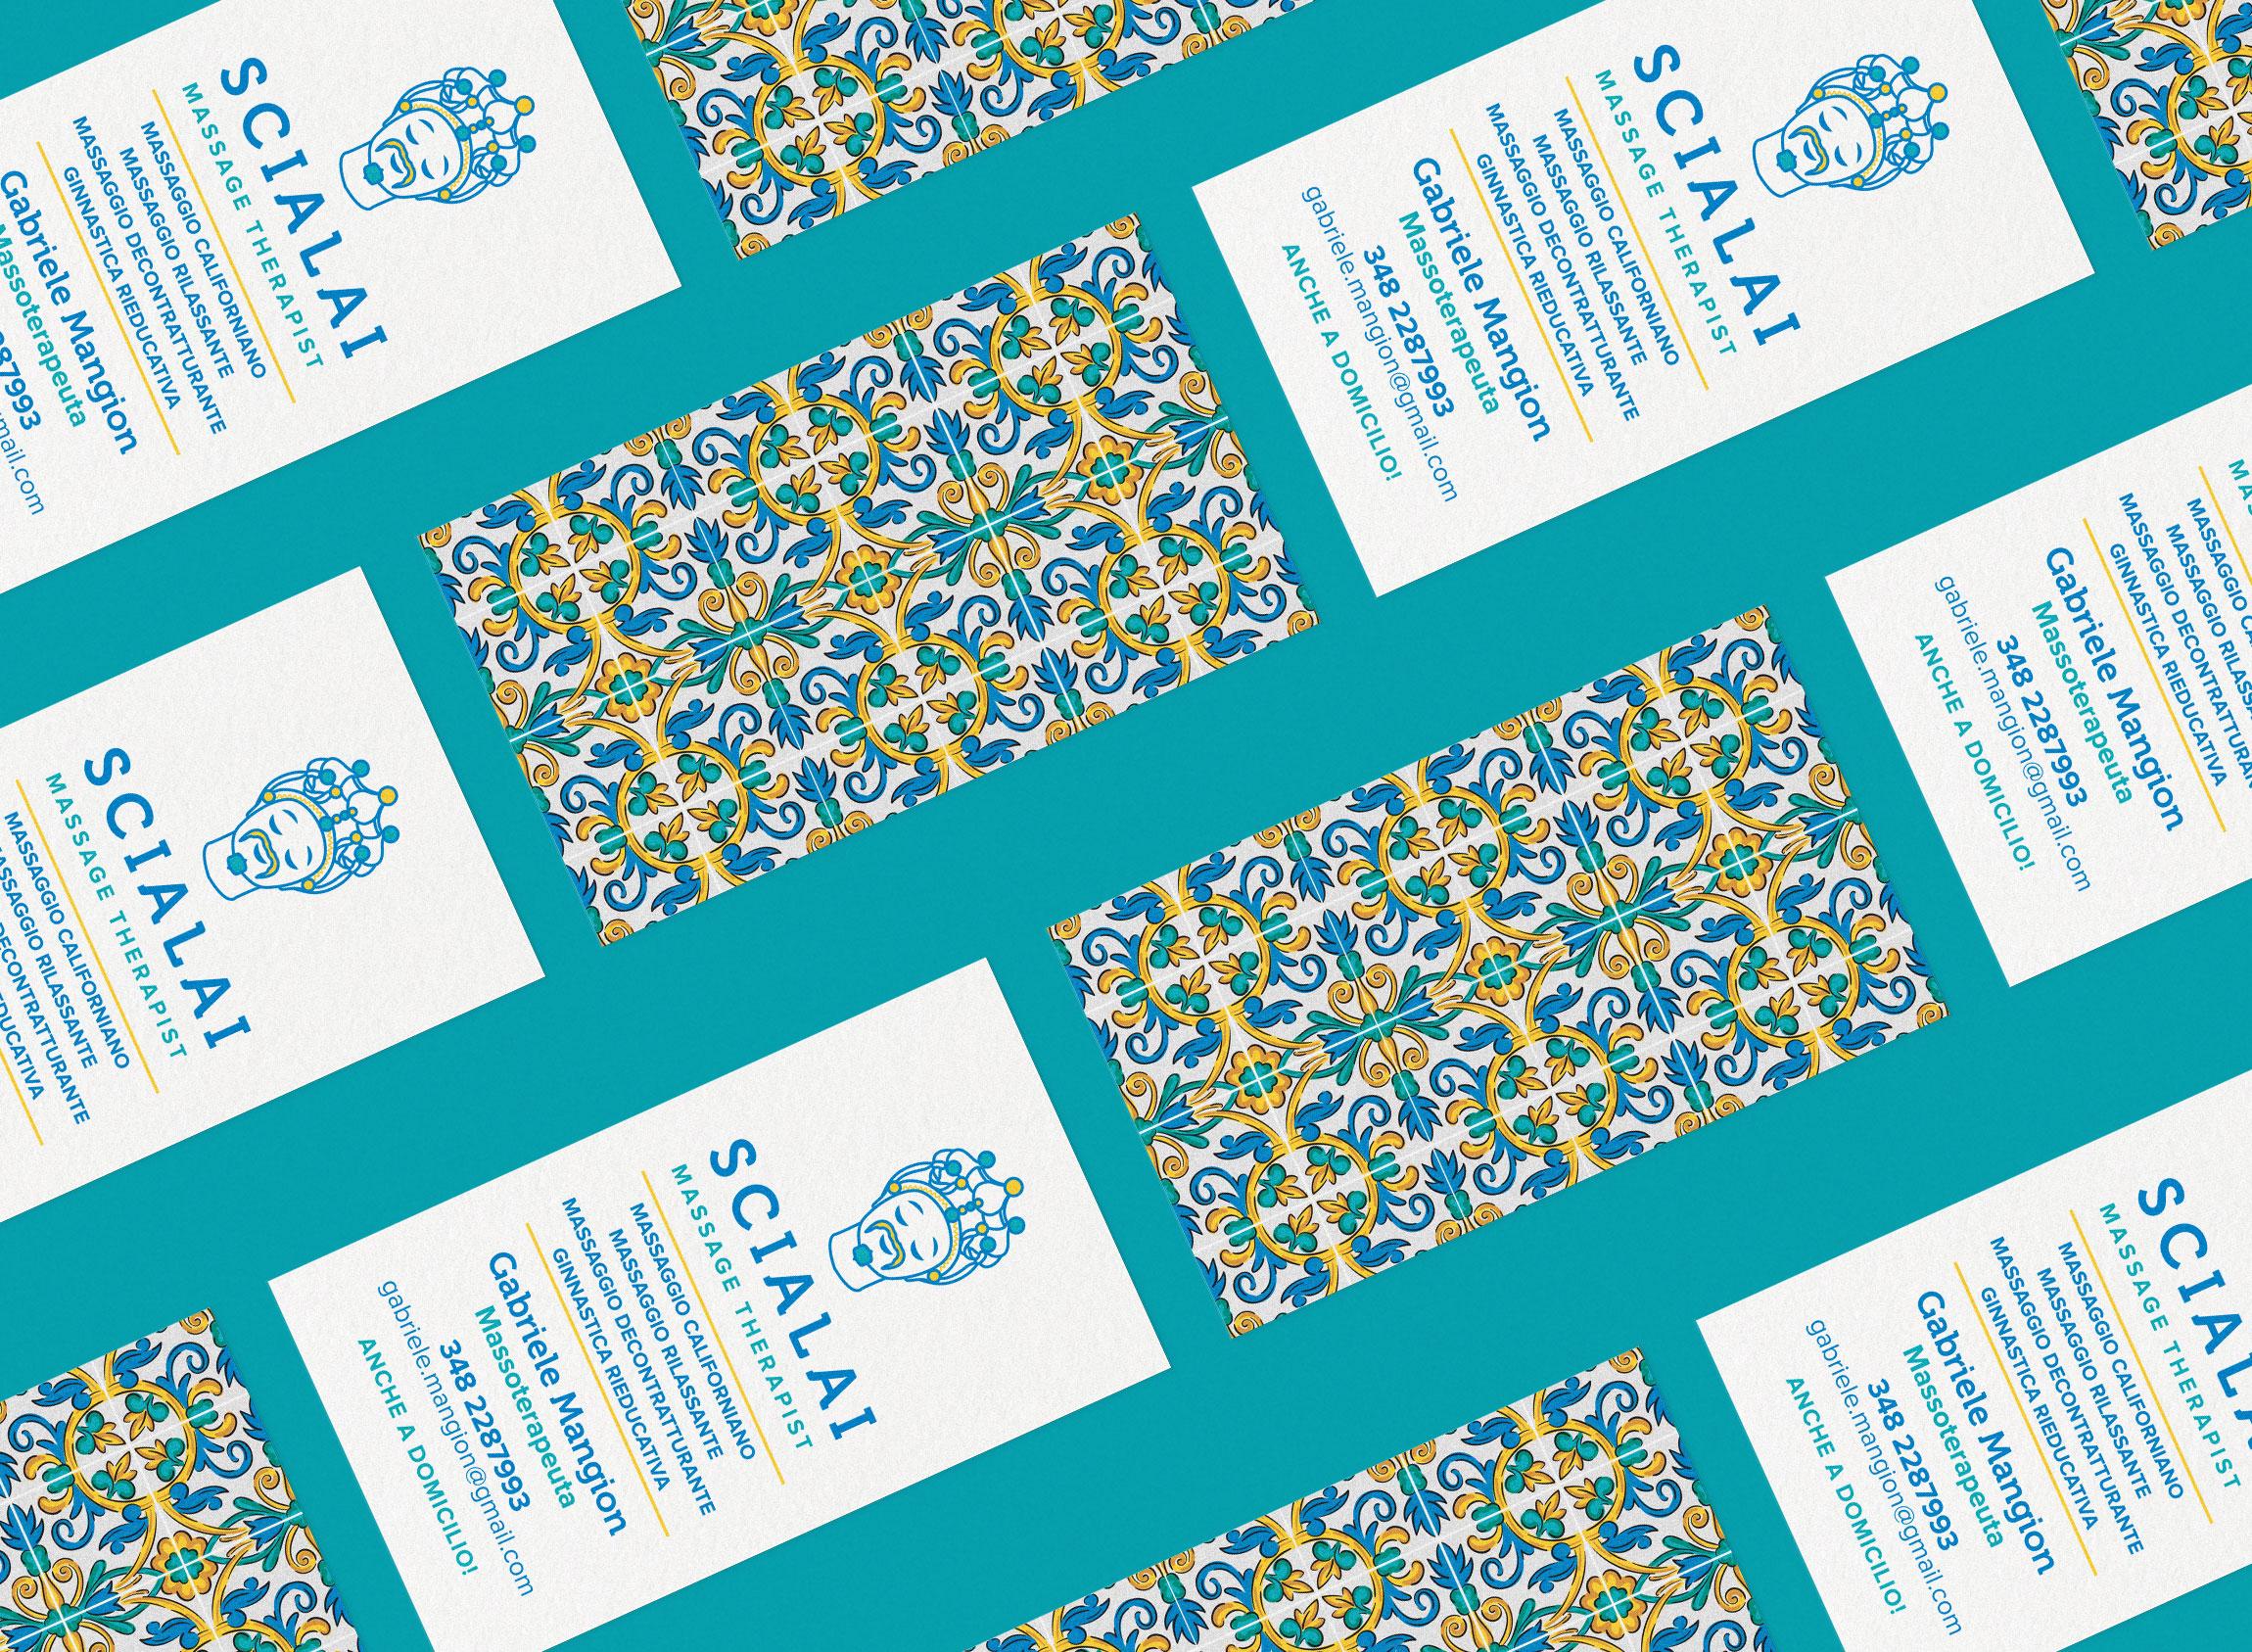 Scialai Business card isometric con pattern siciliano su sfondo giallo